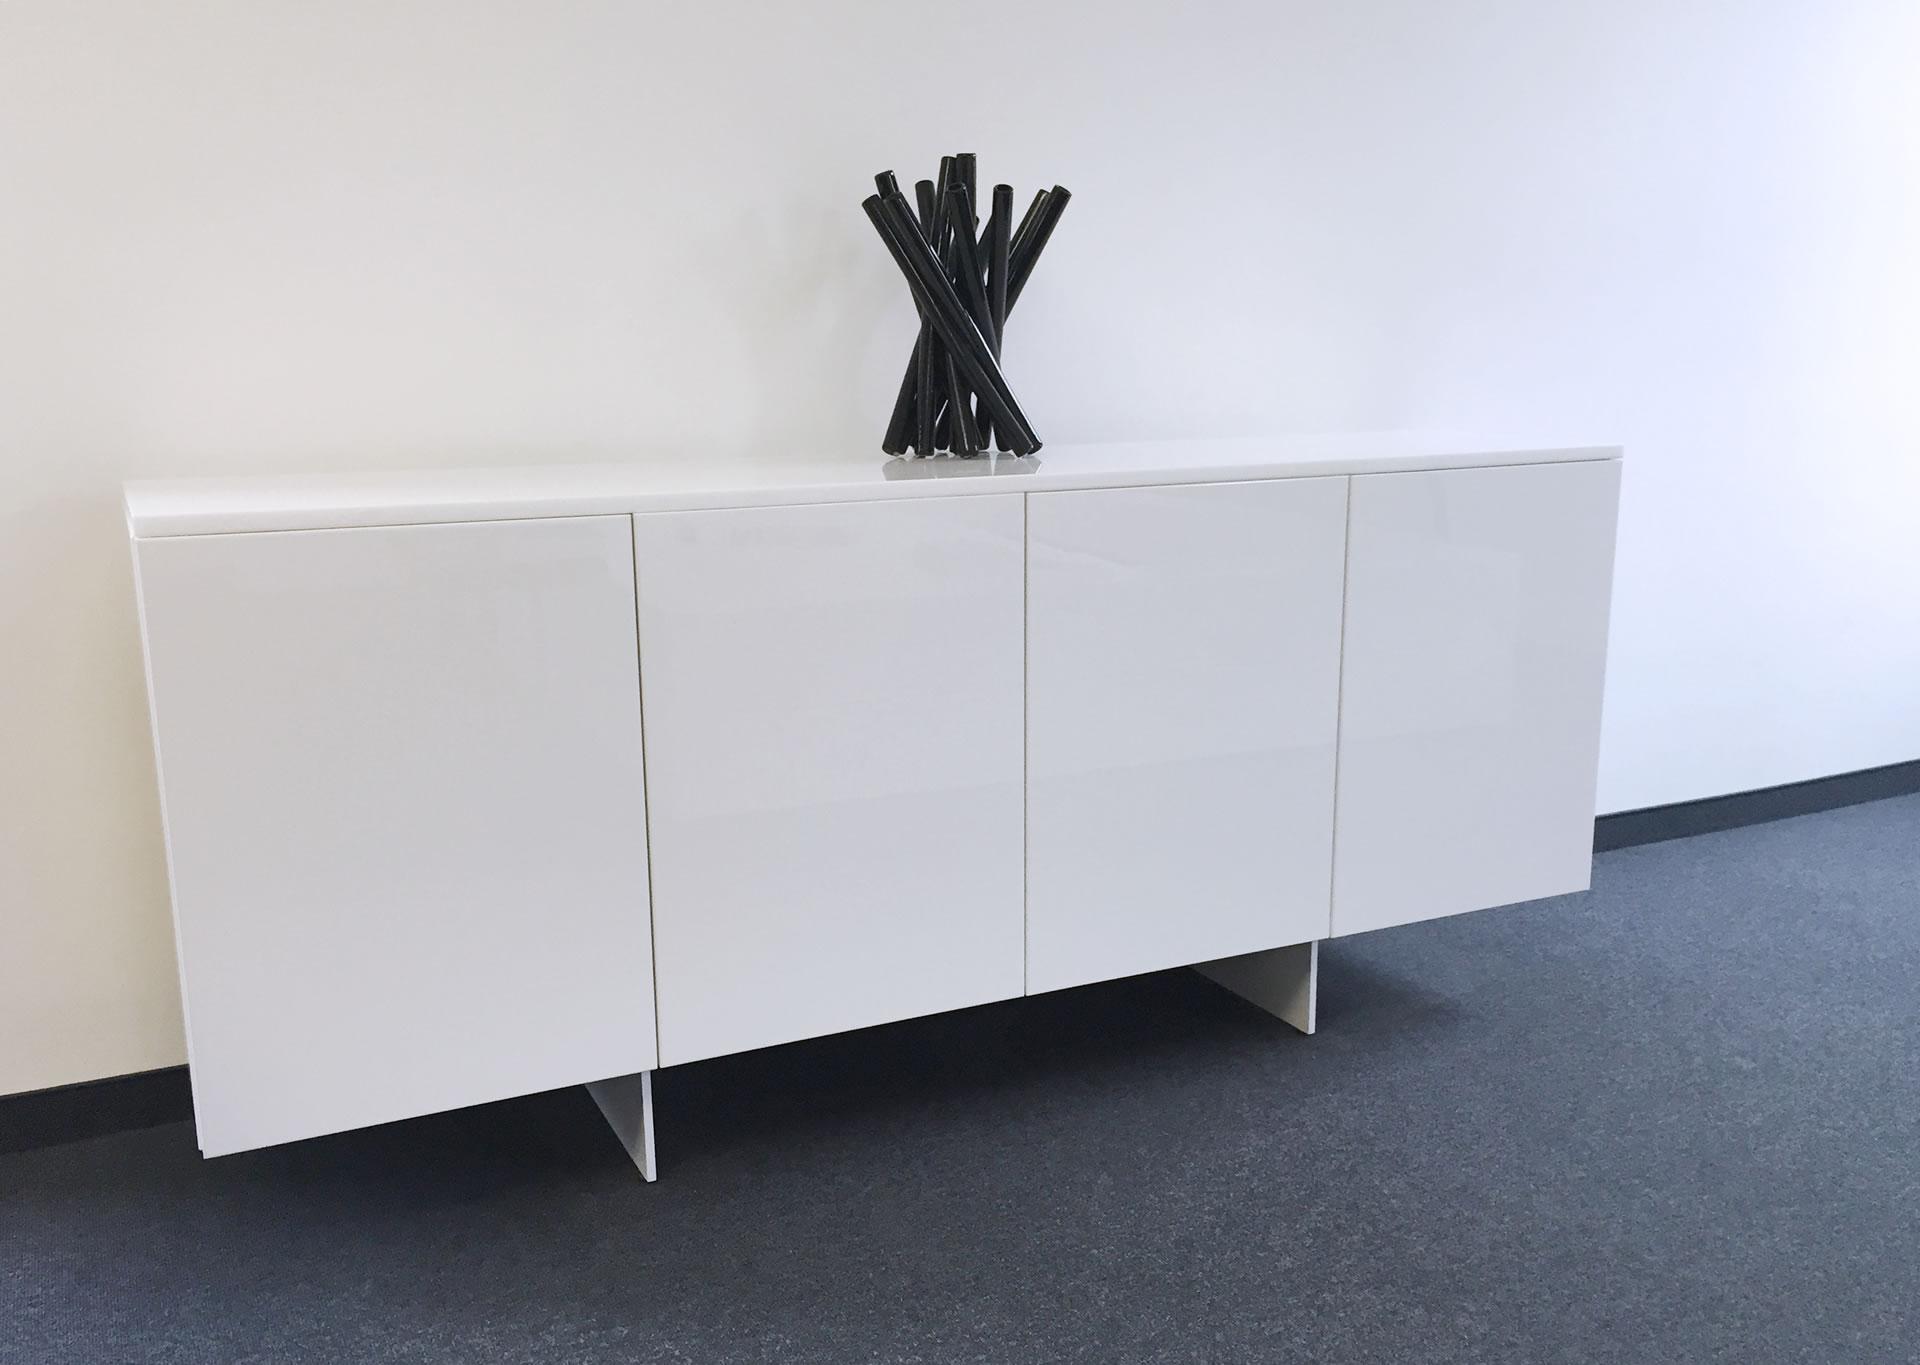 Sideboard Mit Fussen Design Sideboard Lisboa Weiss 150cm Mit Eiche Fussen Kommode